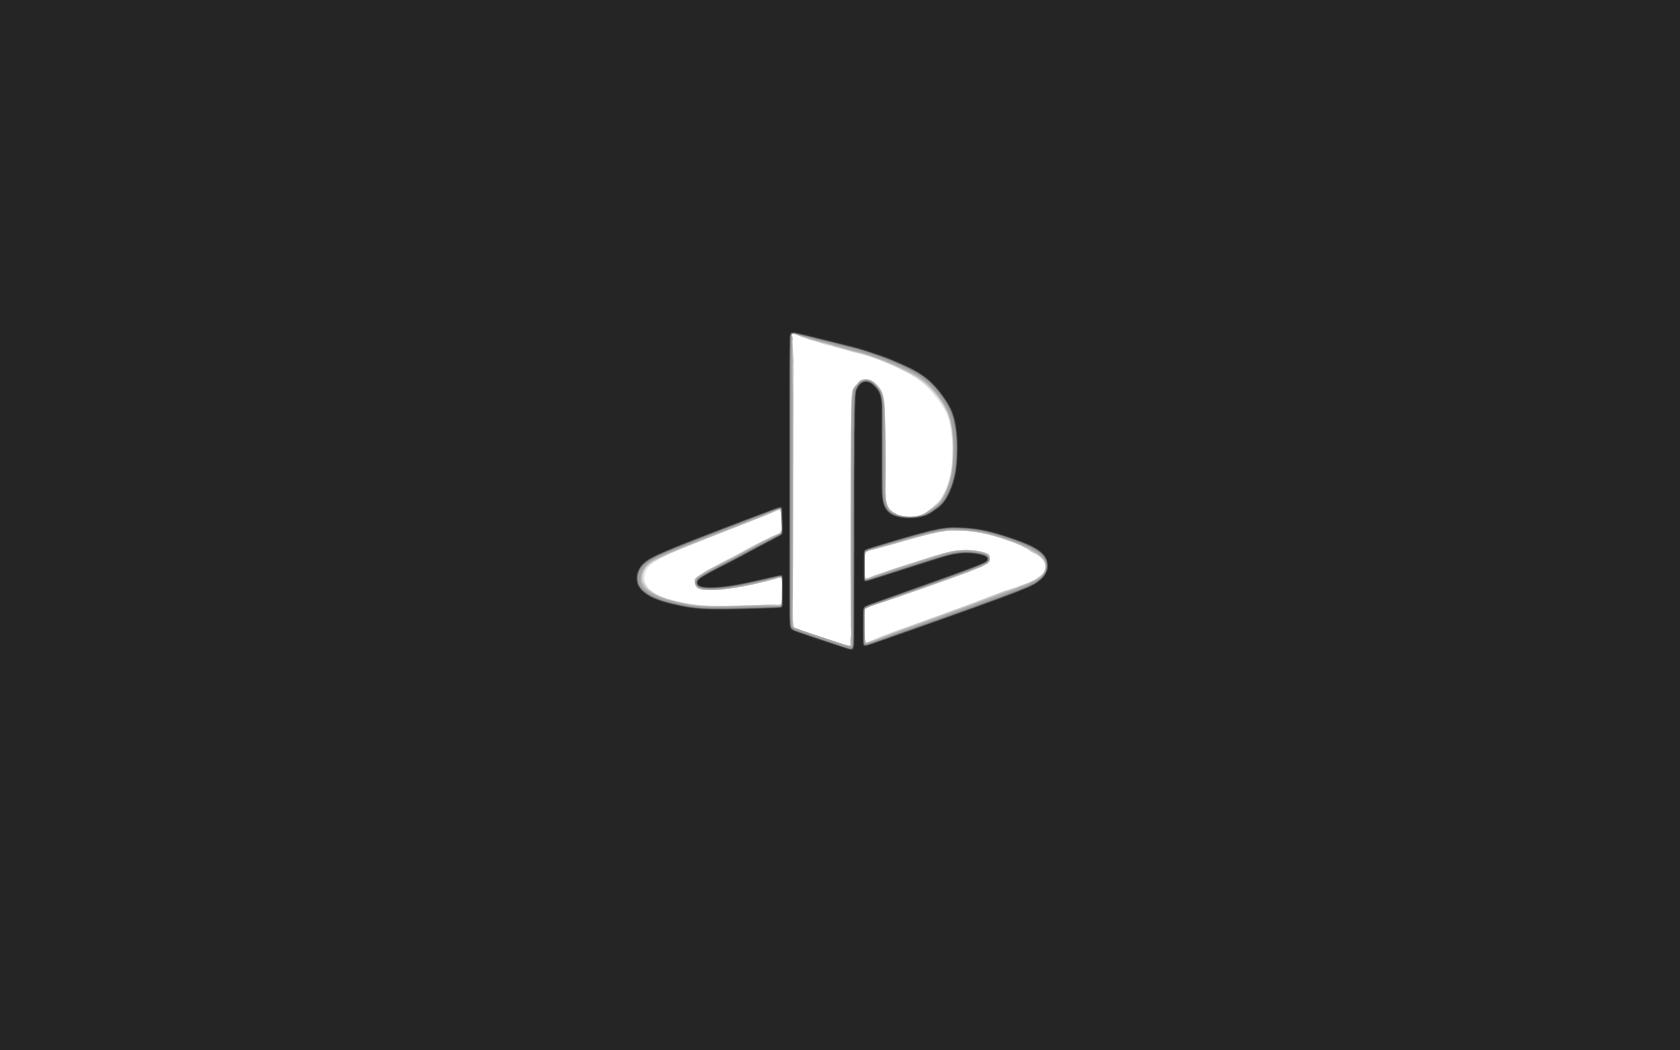 PlayStation Logos Wallpaper 1680x1050 PlayStation Logos 1680x1050